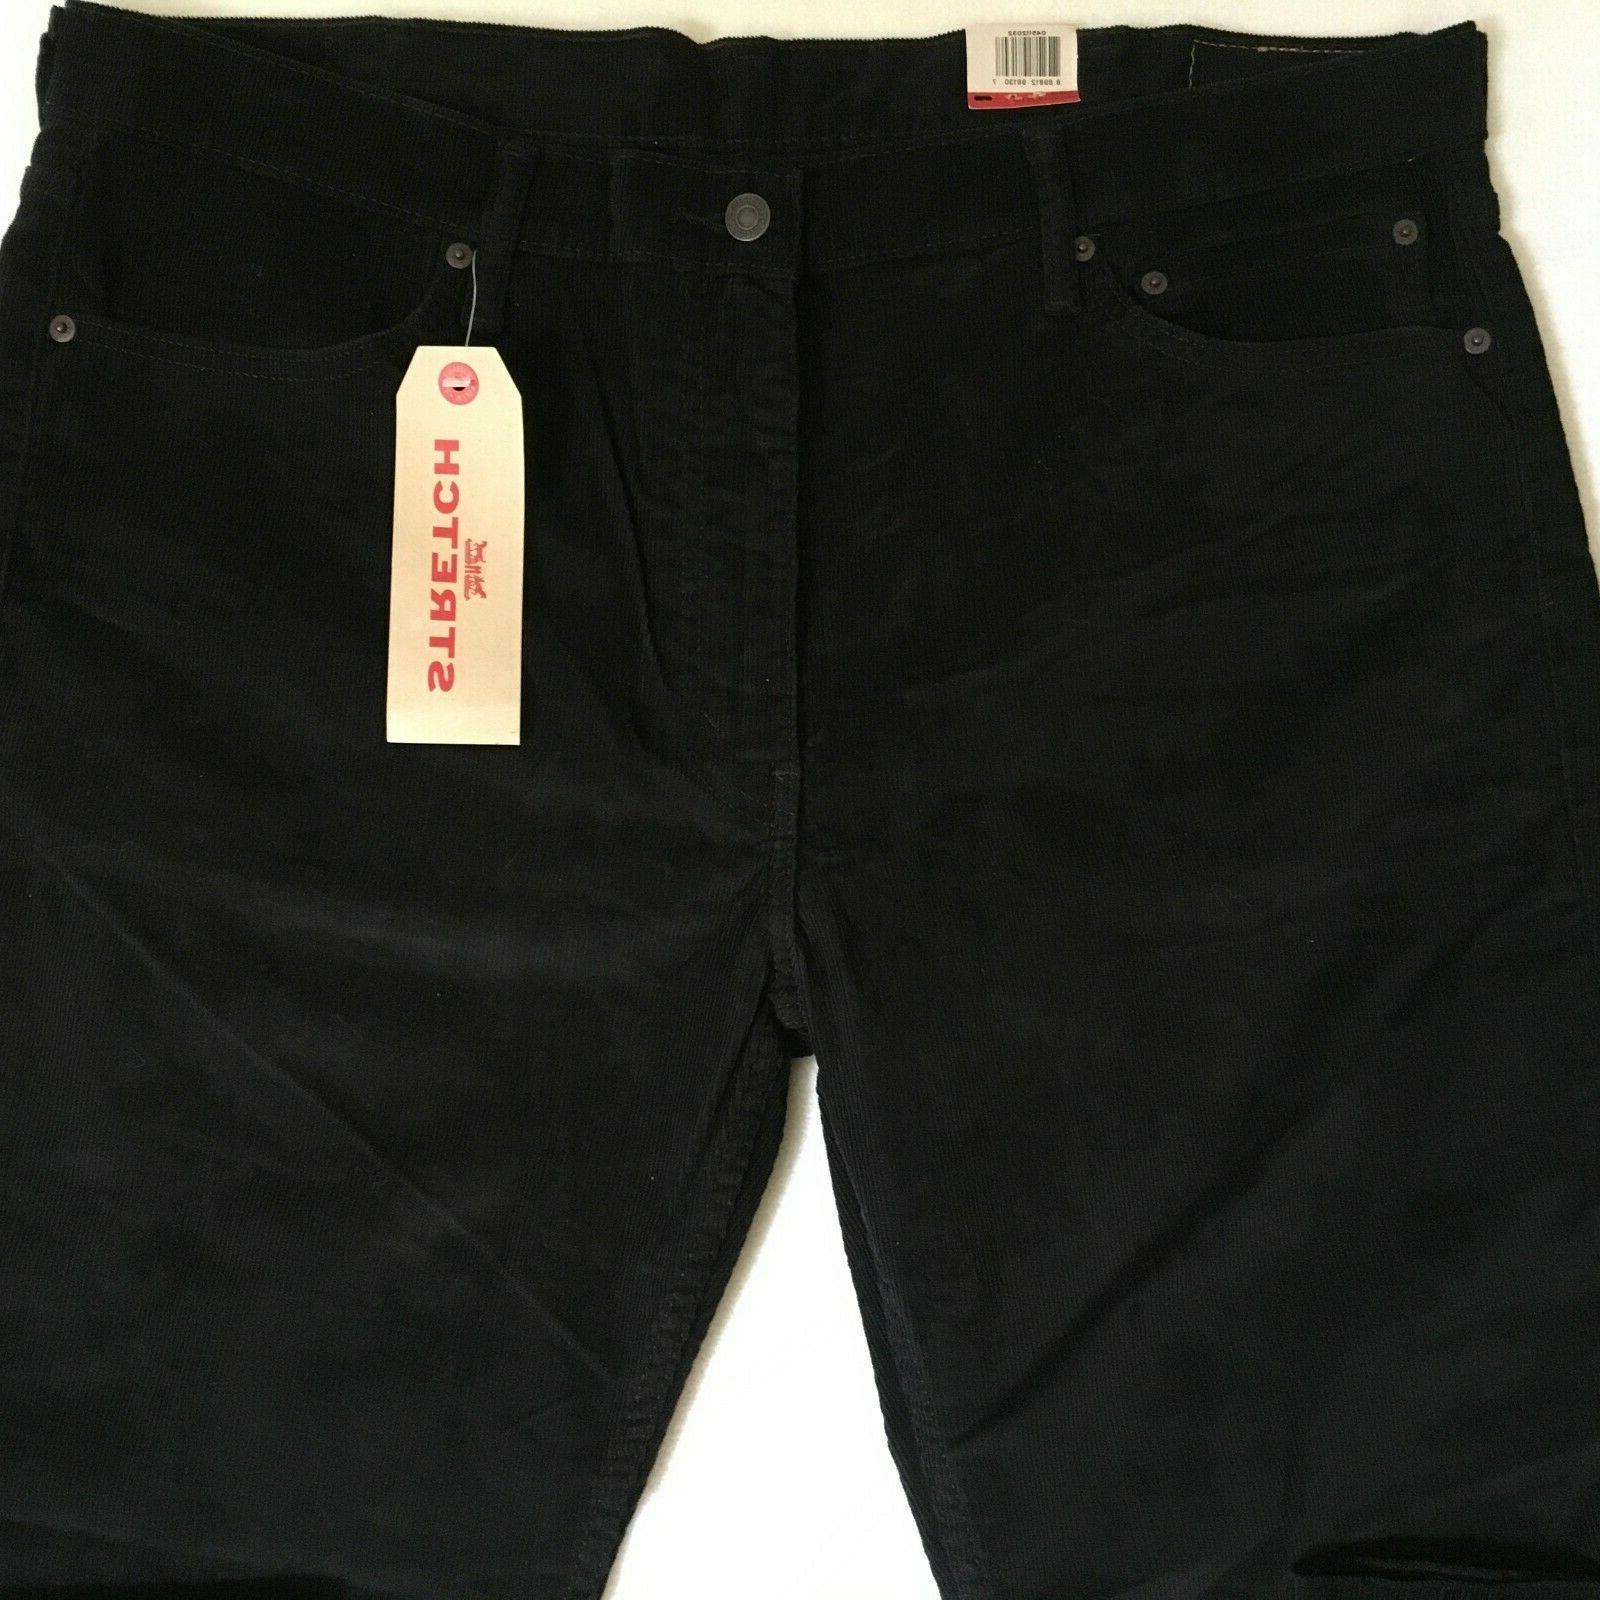 Levis Mens Fit Black Corduroy Pants NWT $69.50